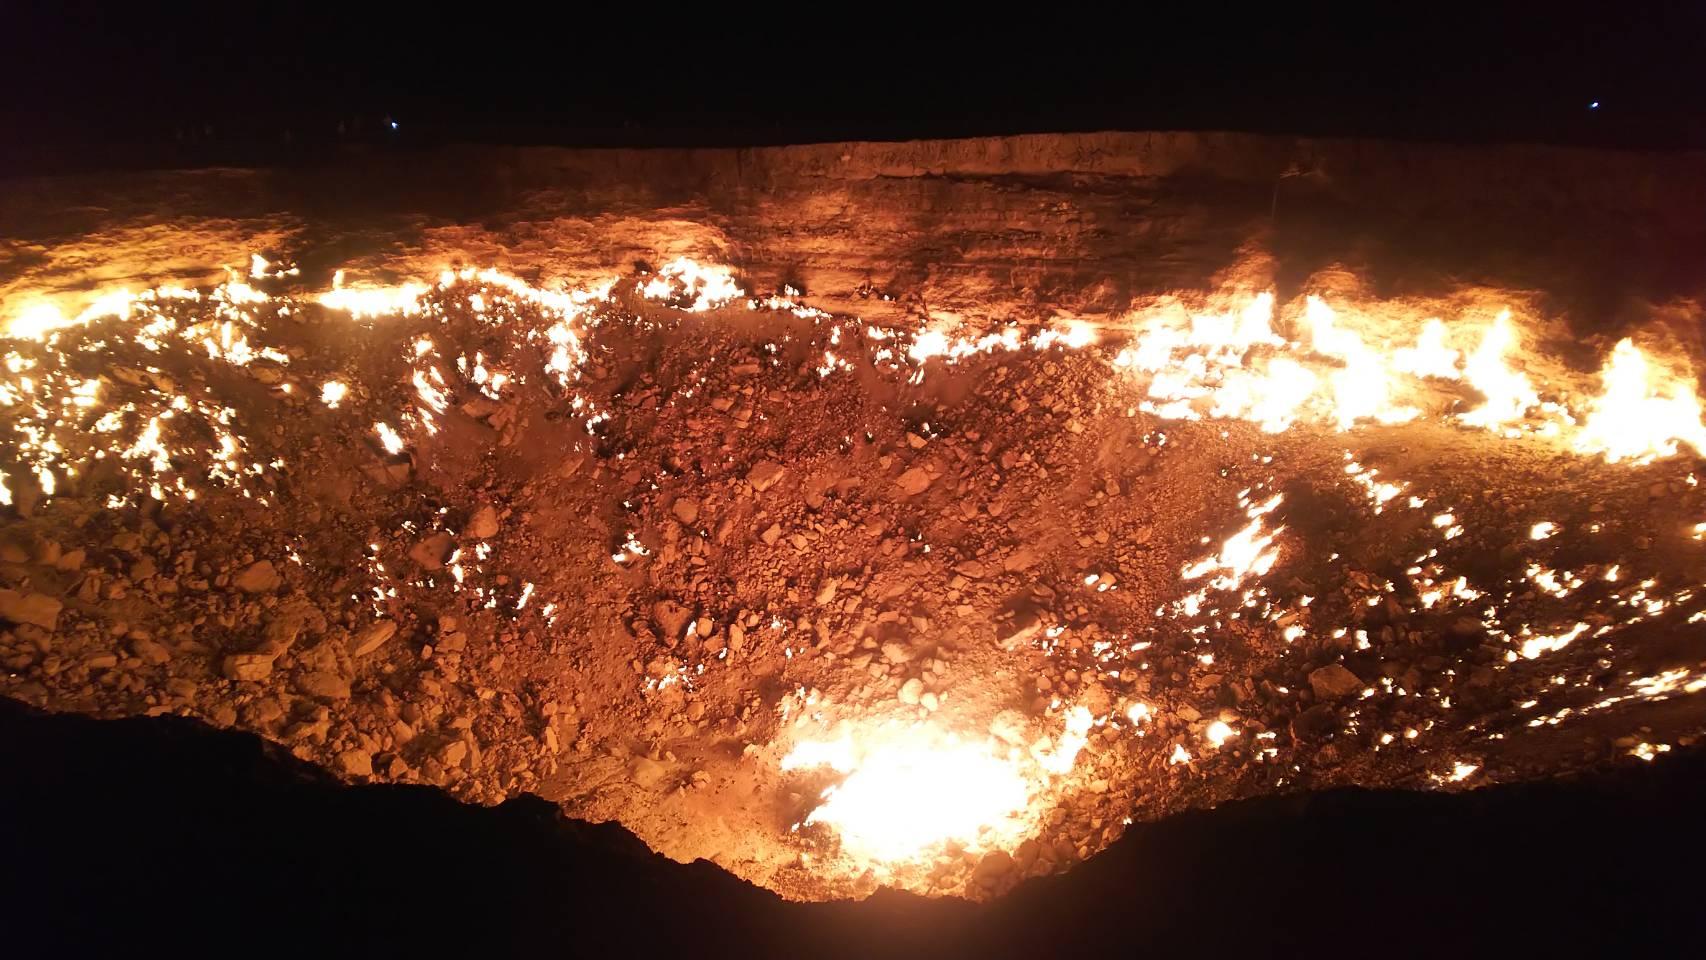 ウルゲンチ(ヒヴァ)からダルヴァサ(地獄の門)までの行き方とダルヴァサの宿情報のご紹介